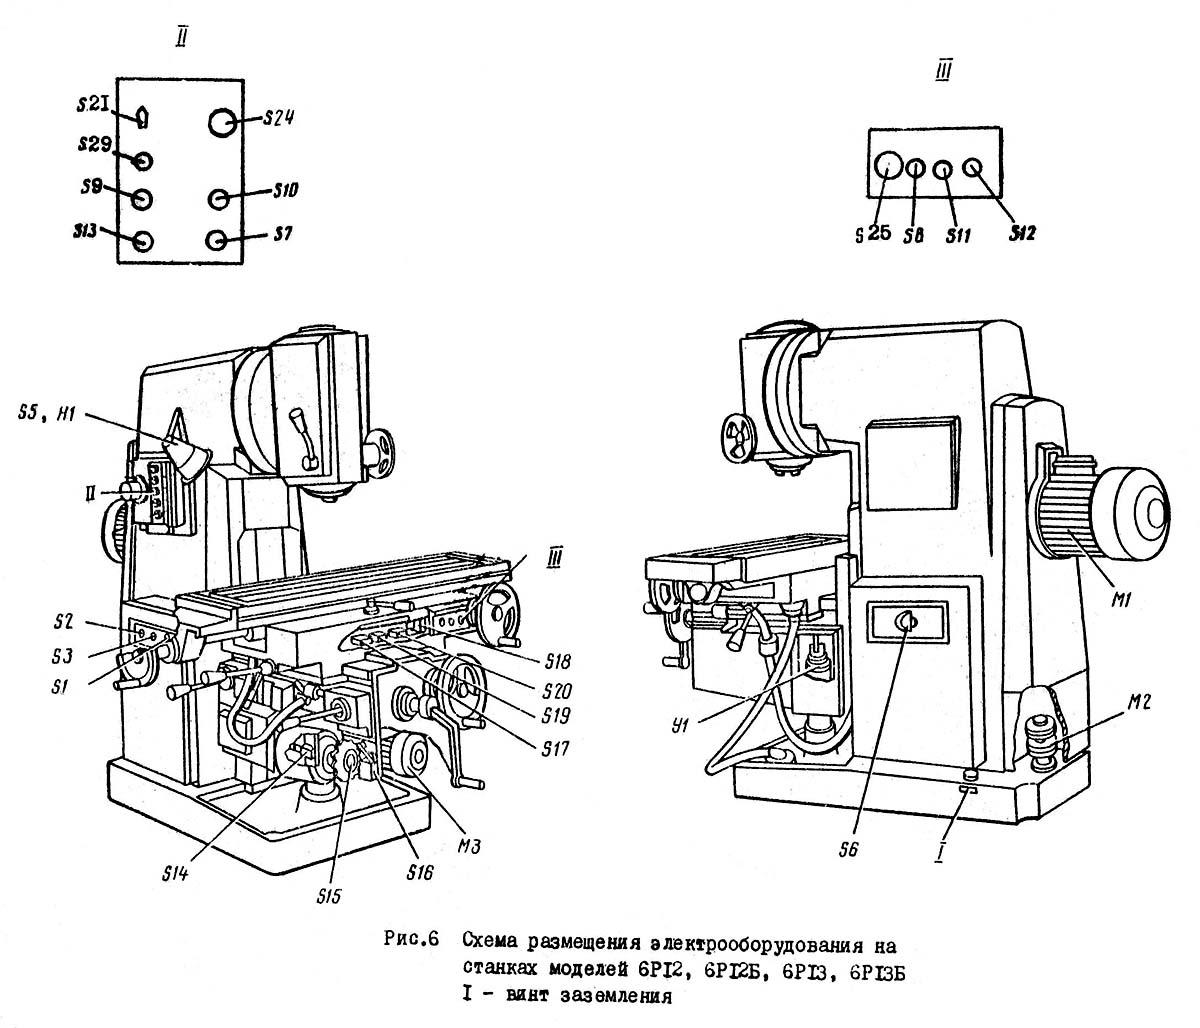 Вертикально-фрезерный станок вм127: технические характеристики